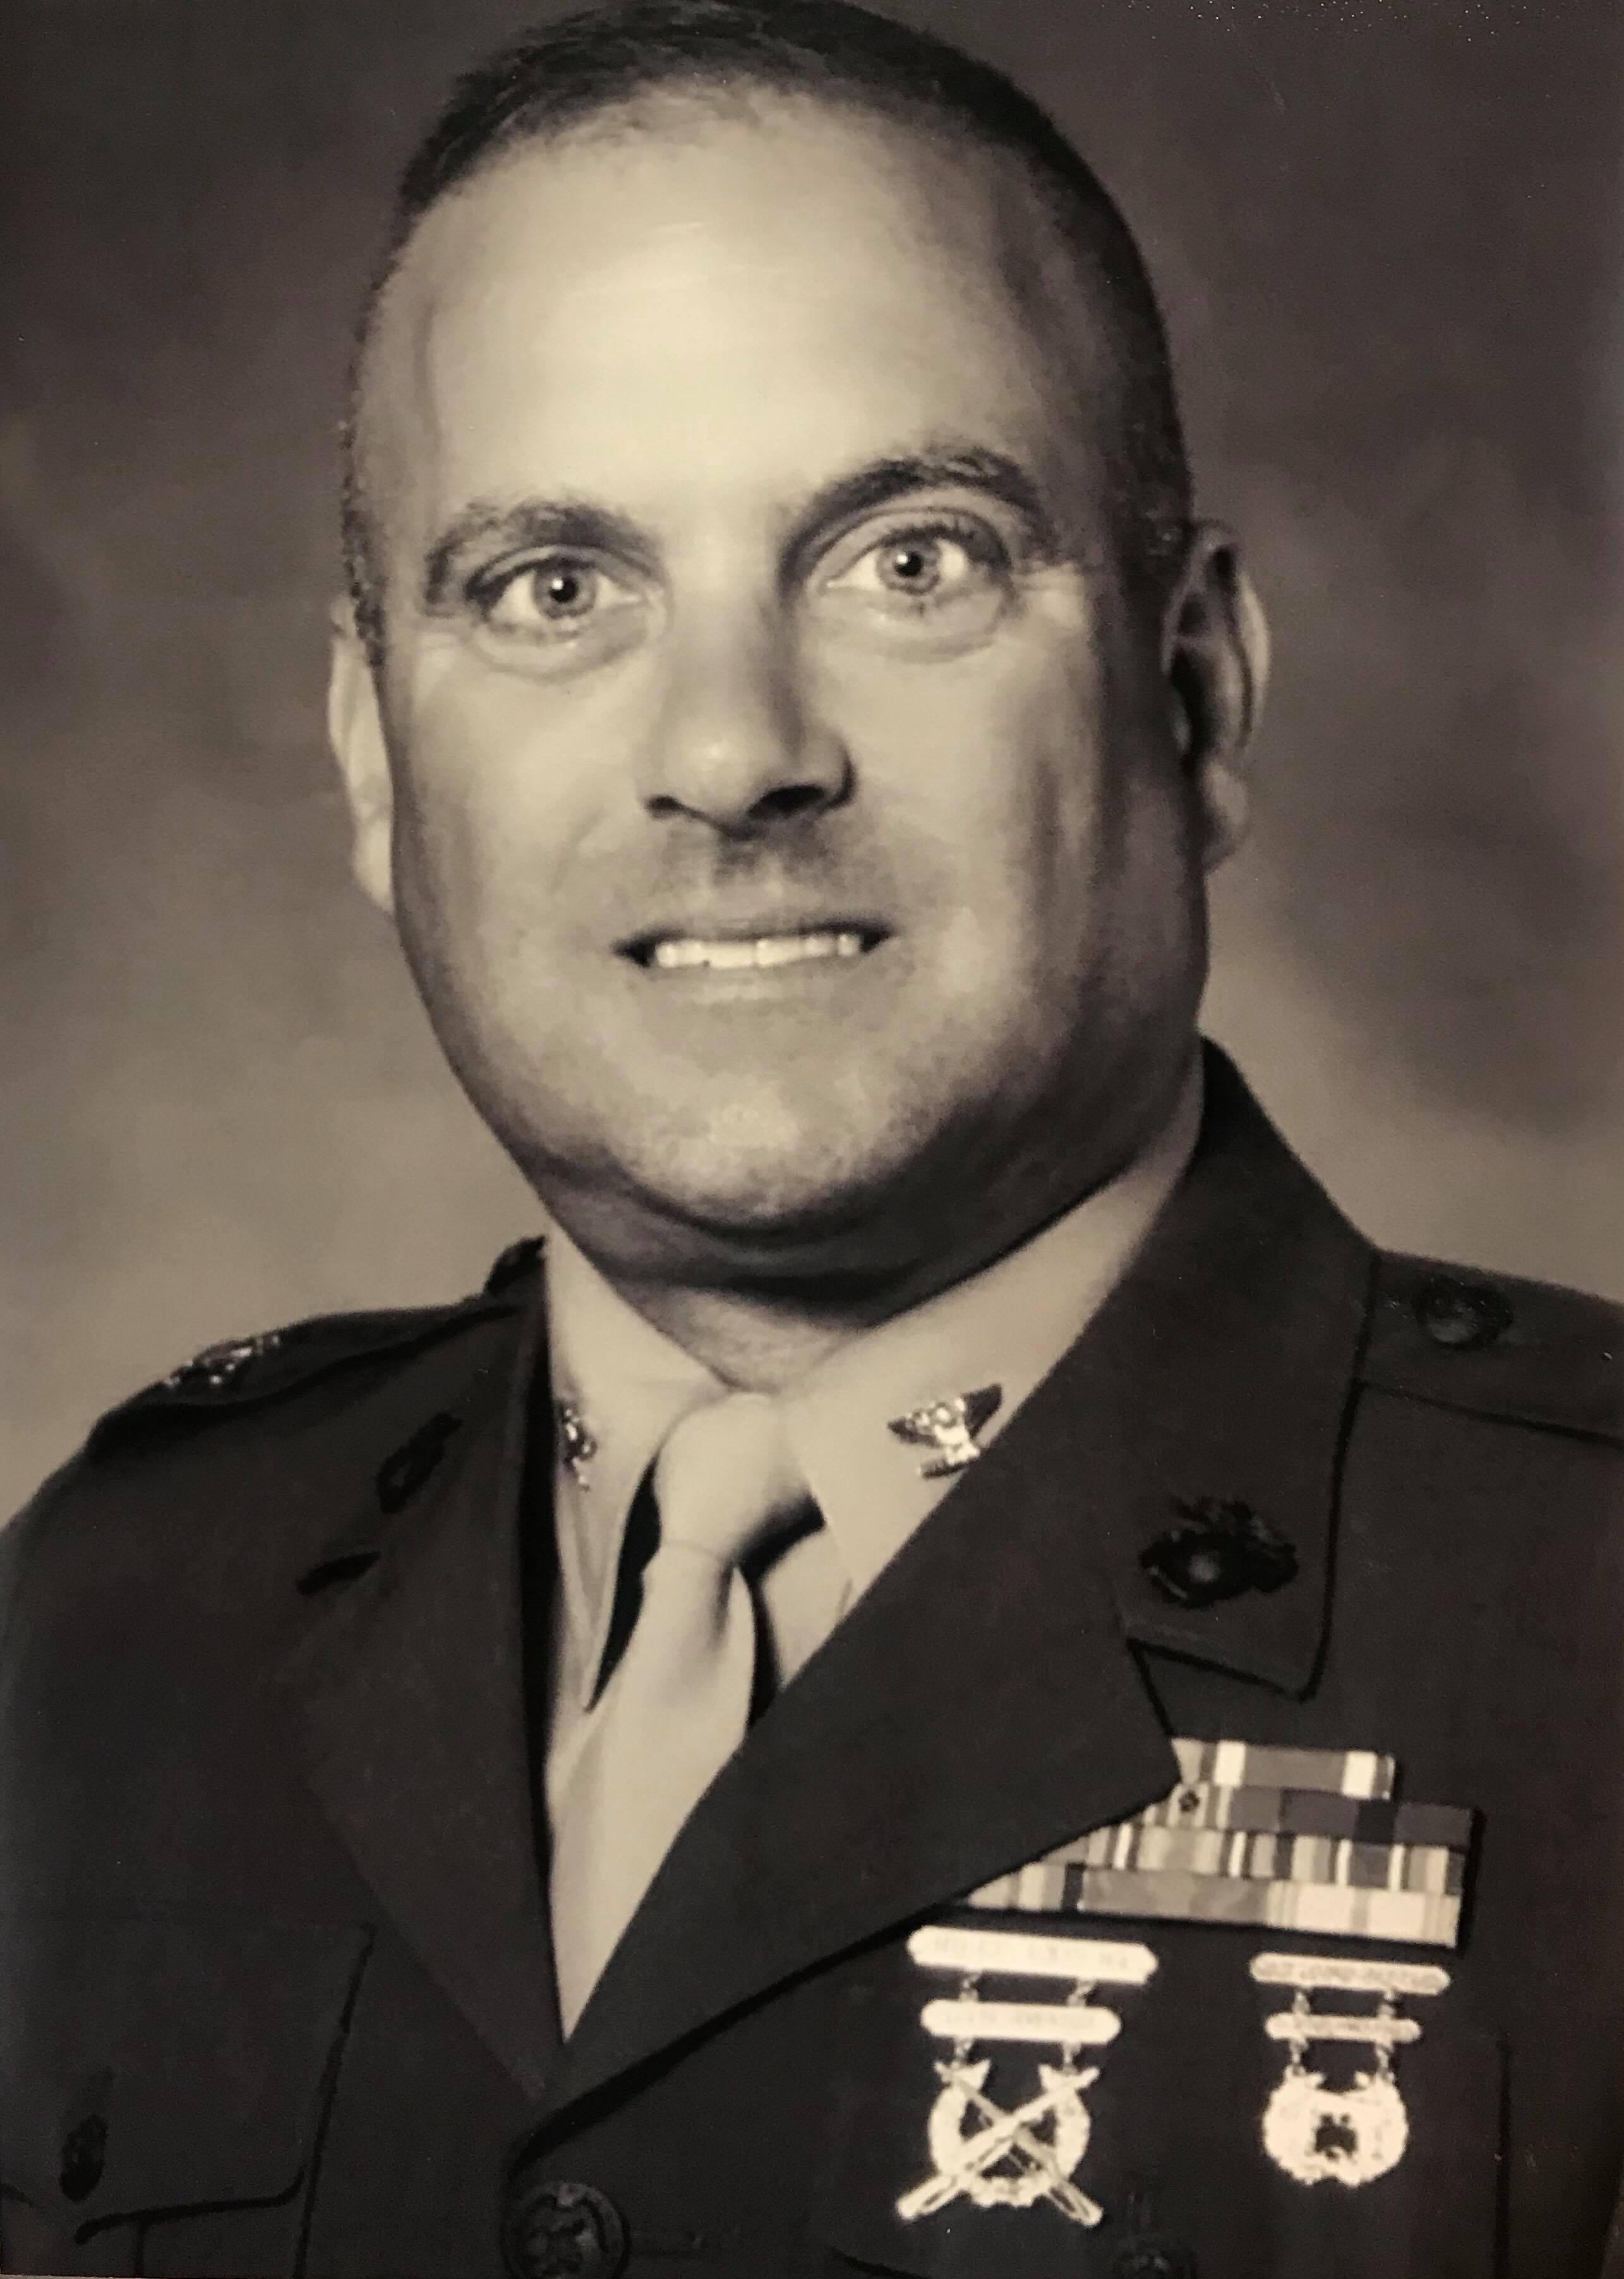 Jeff Verrant